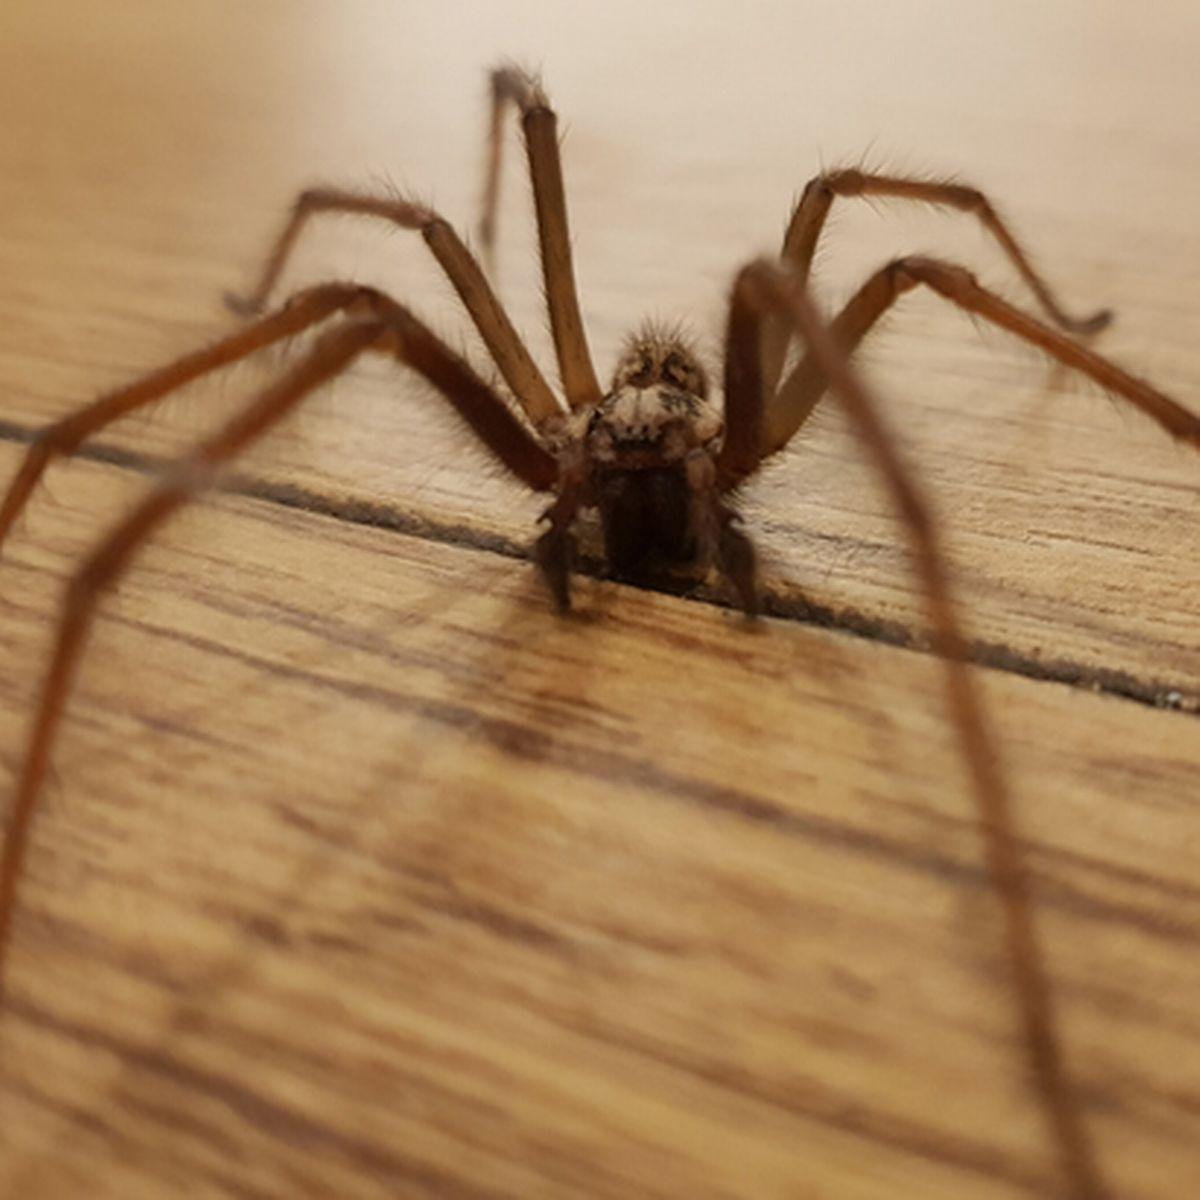 كيفية التخلص من العناكب بطريقة سهلة ومتوفرة في منزلك 1